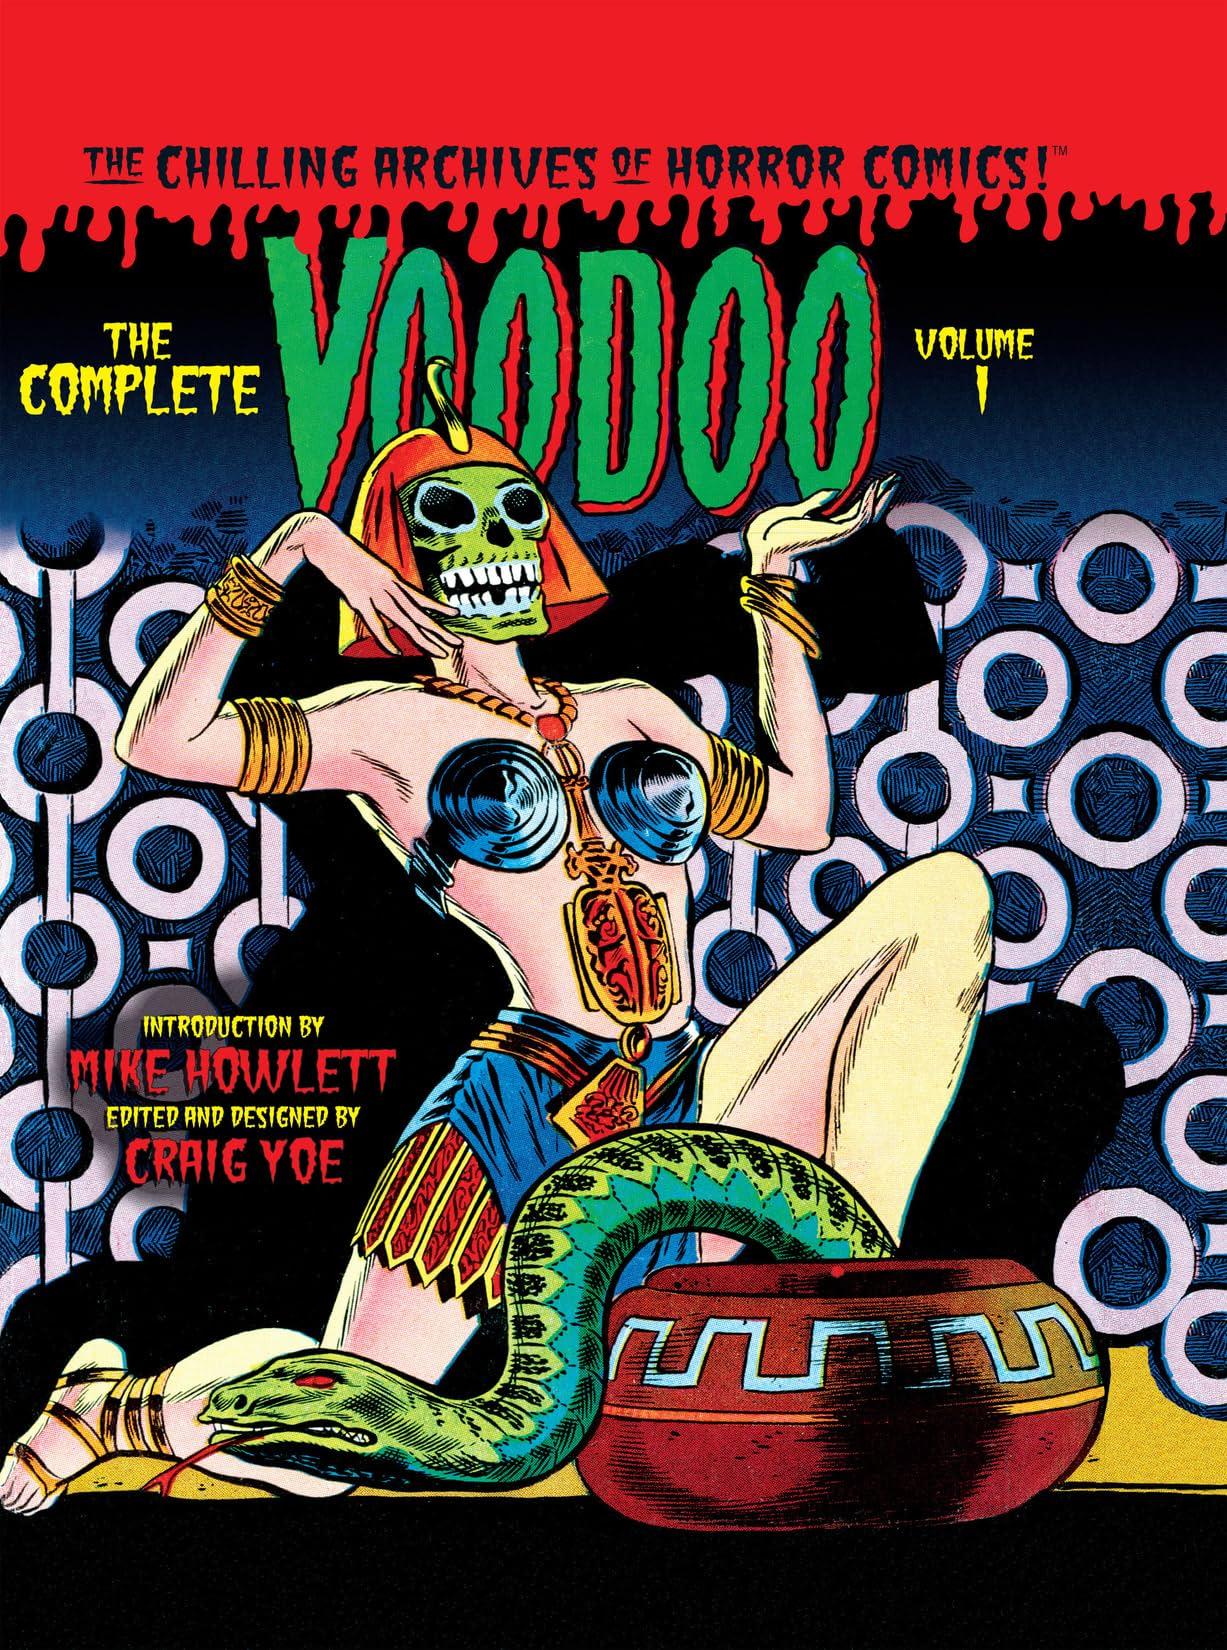 The Complete Voodoo Vol. 1